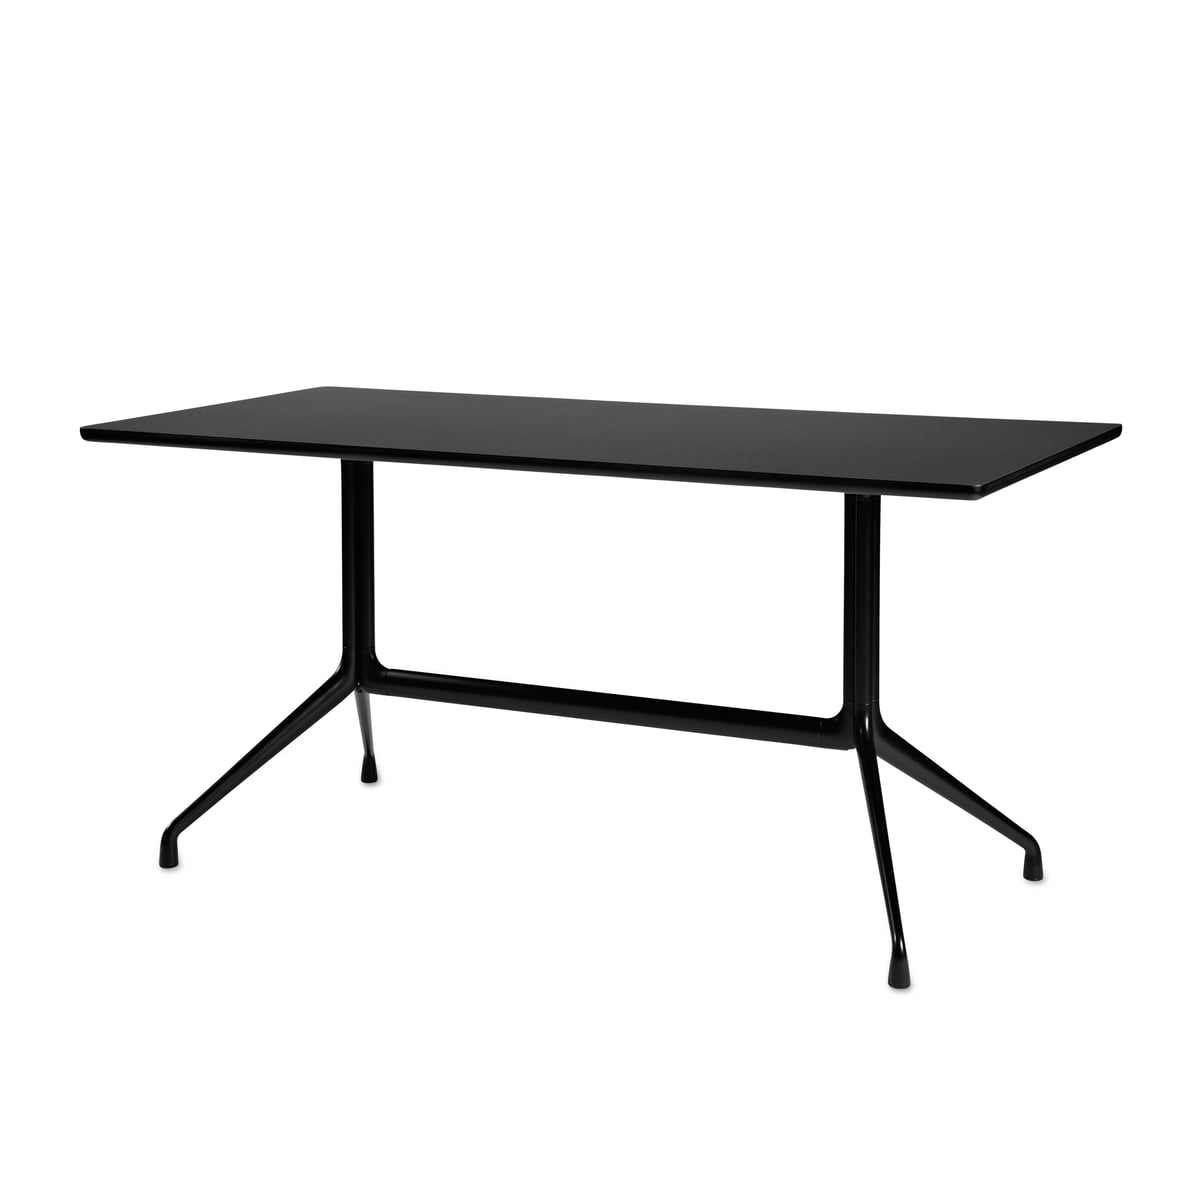 About A Table AAT 10 Esstisch, 160 x 80 cm, schwarz / schwarz